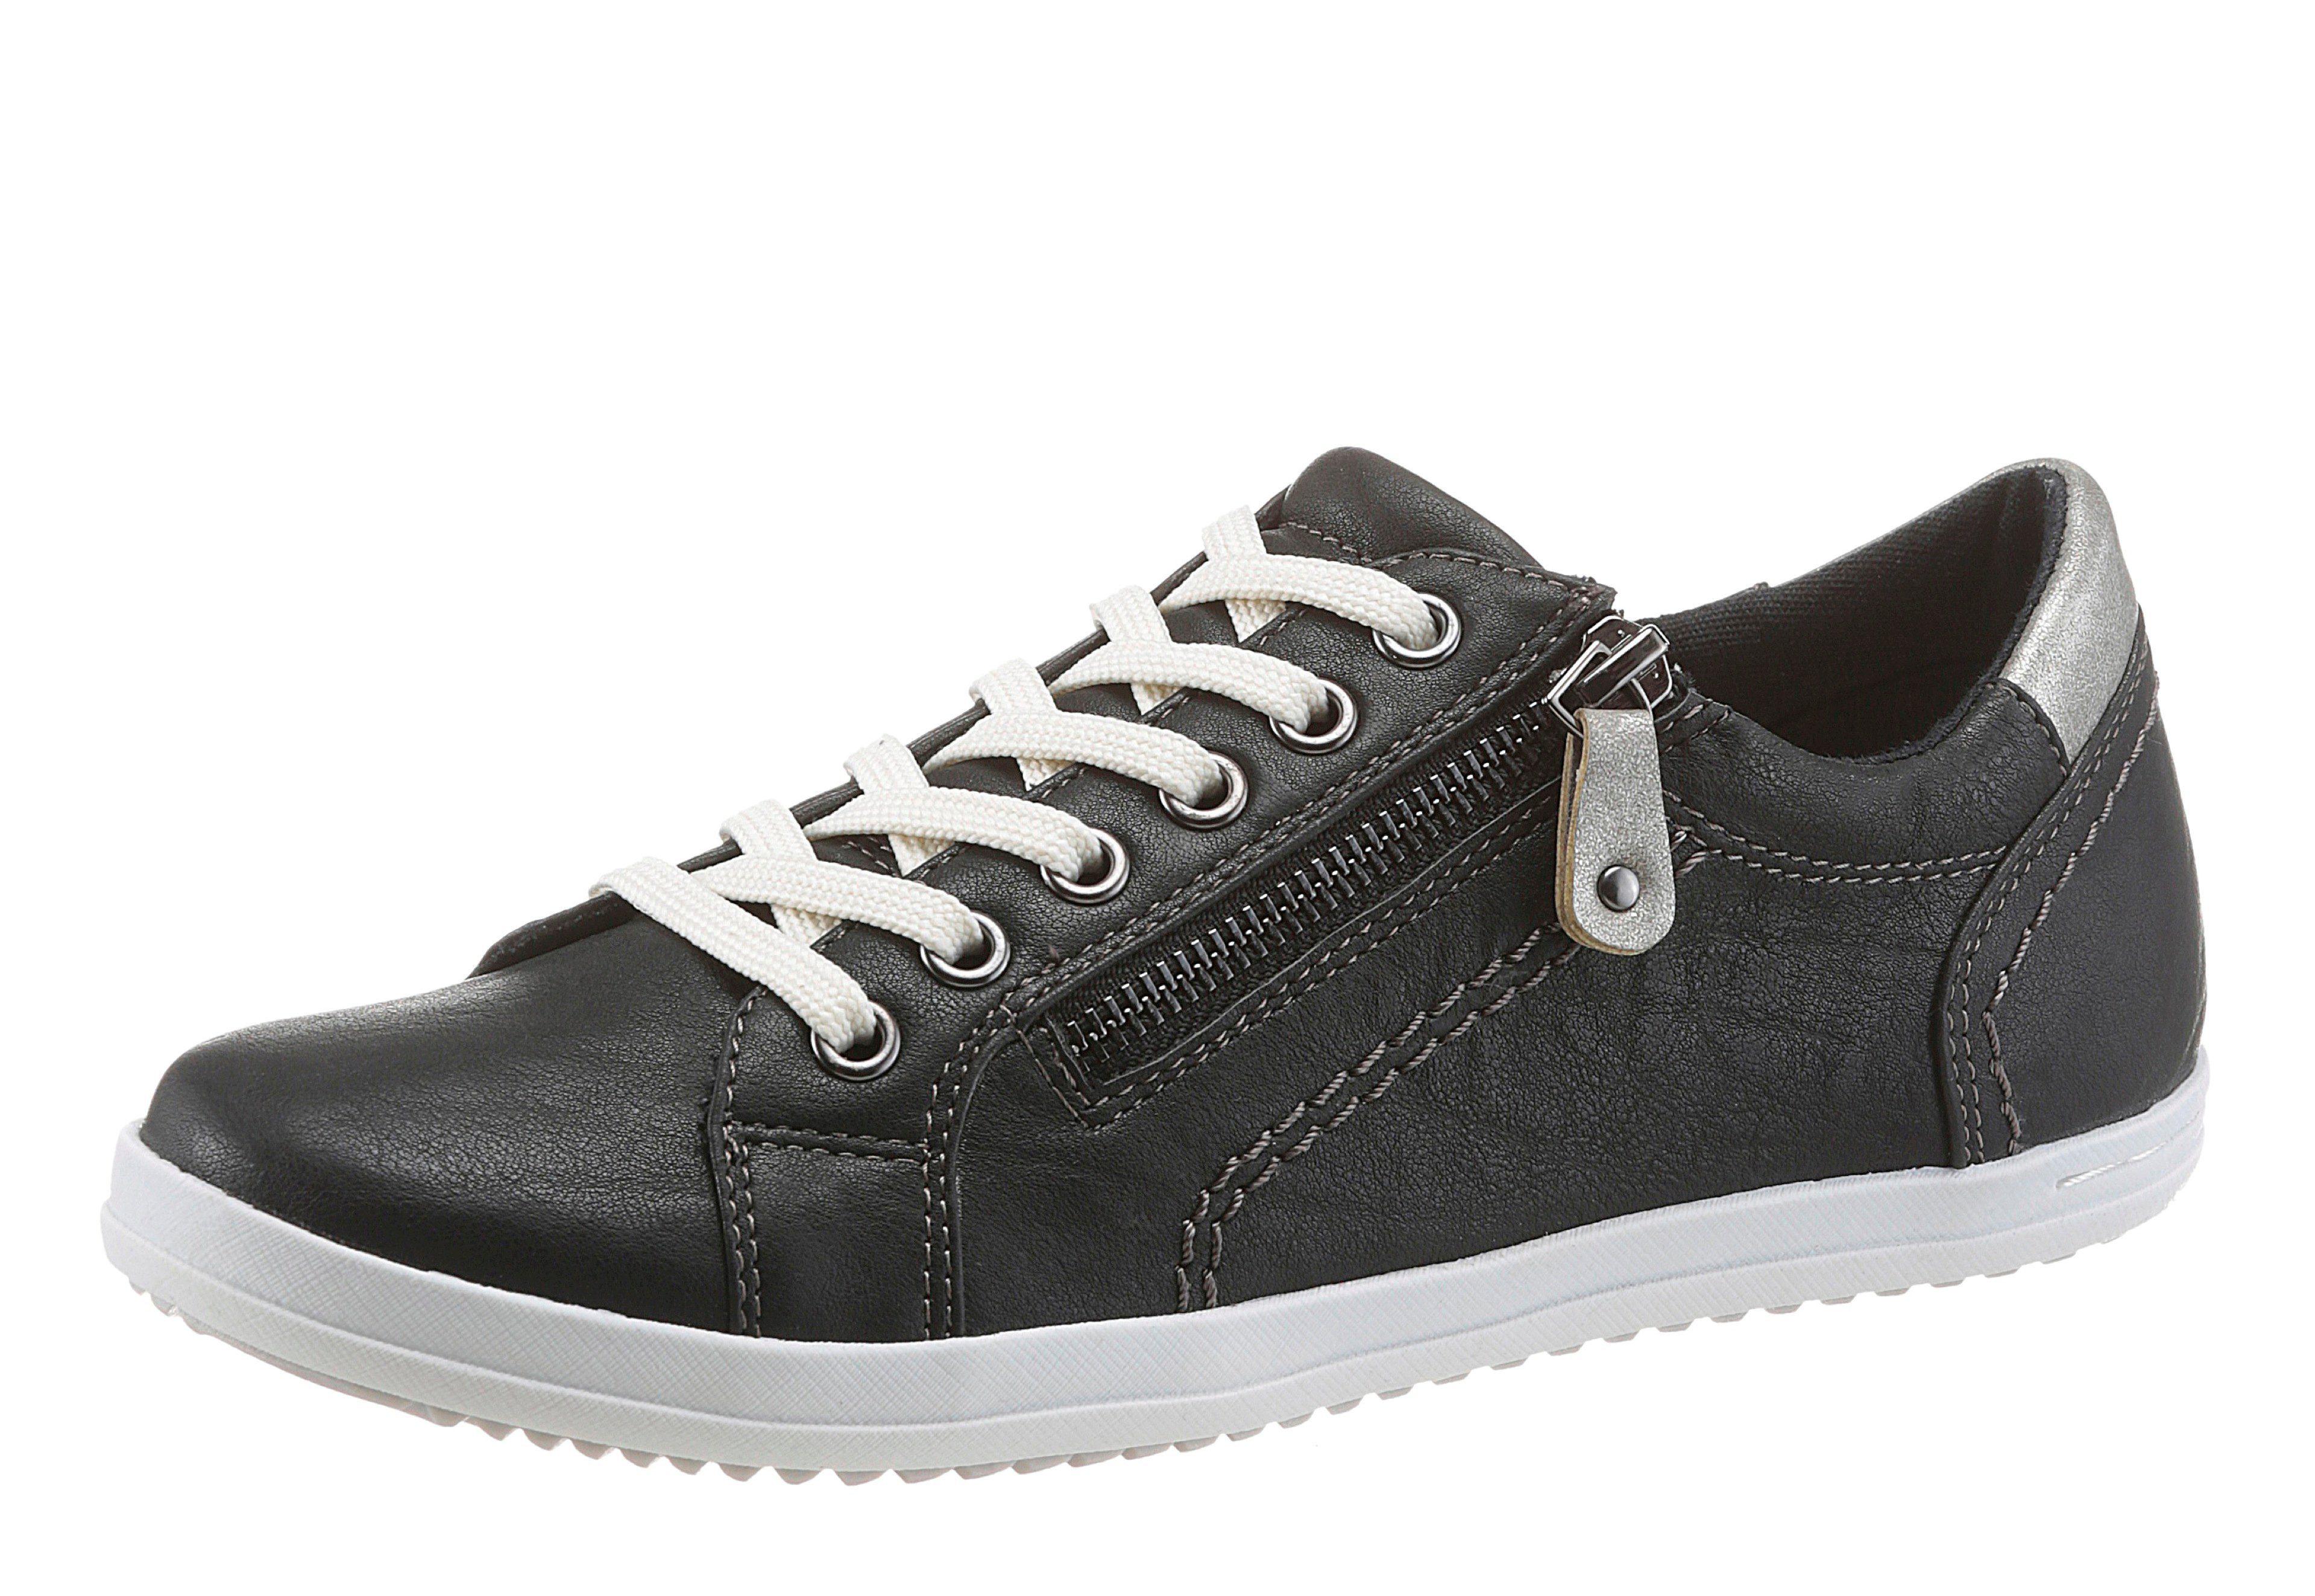 Online Online KopenGrote CollectieOtto Sneakers Online Sneakers KopenGrote KopenGrote Sneakers CollectieOtto cKJTlF1